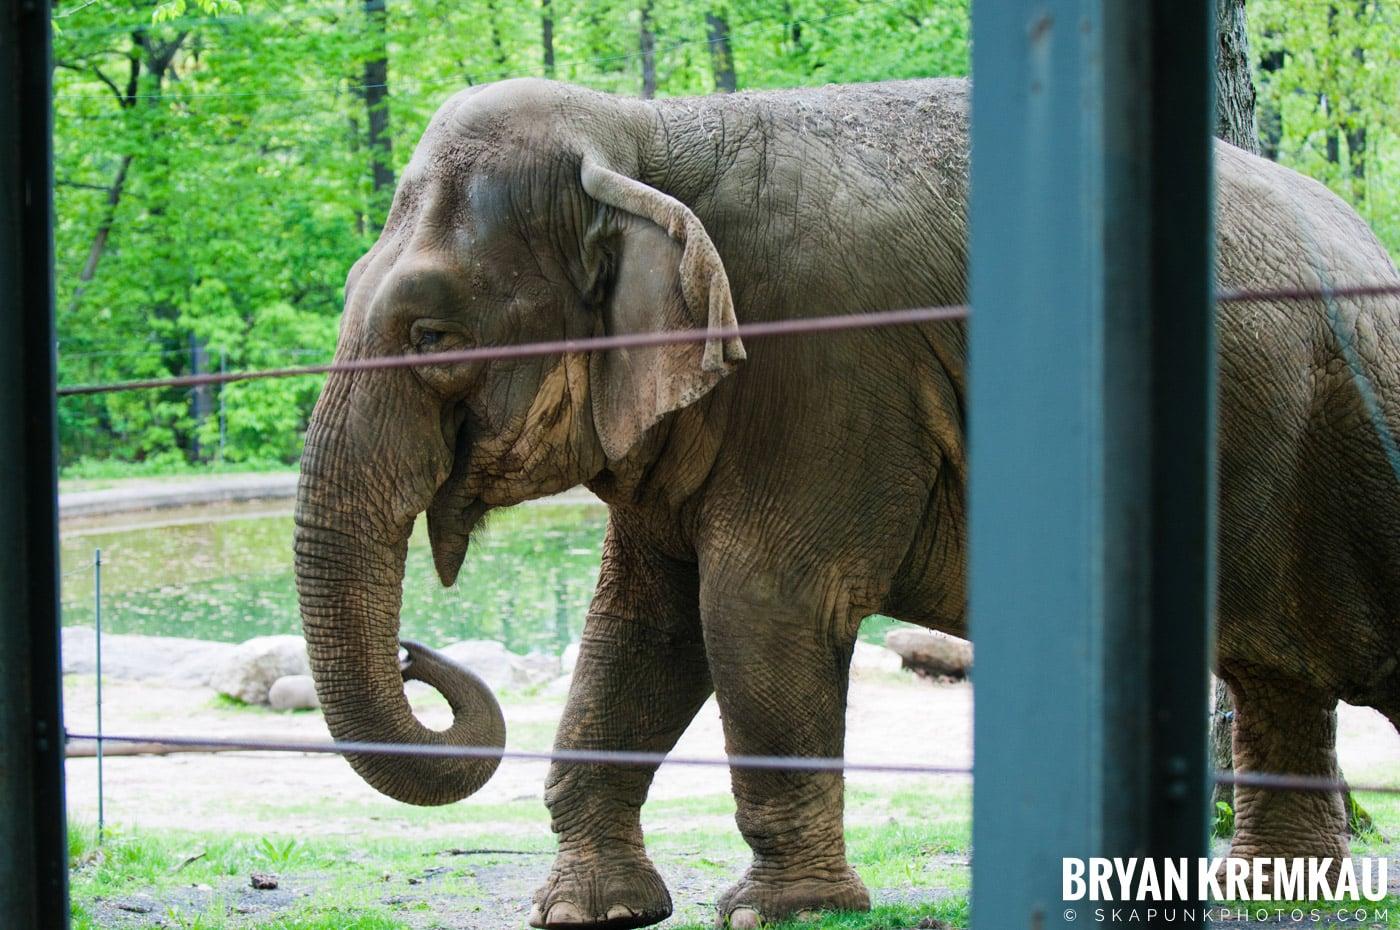 The Bronx Zoo @ Bronx, NYC - 5.7.11 (11)